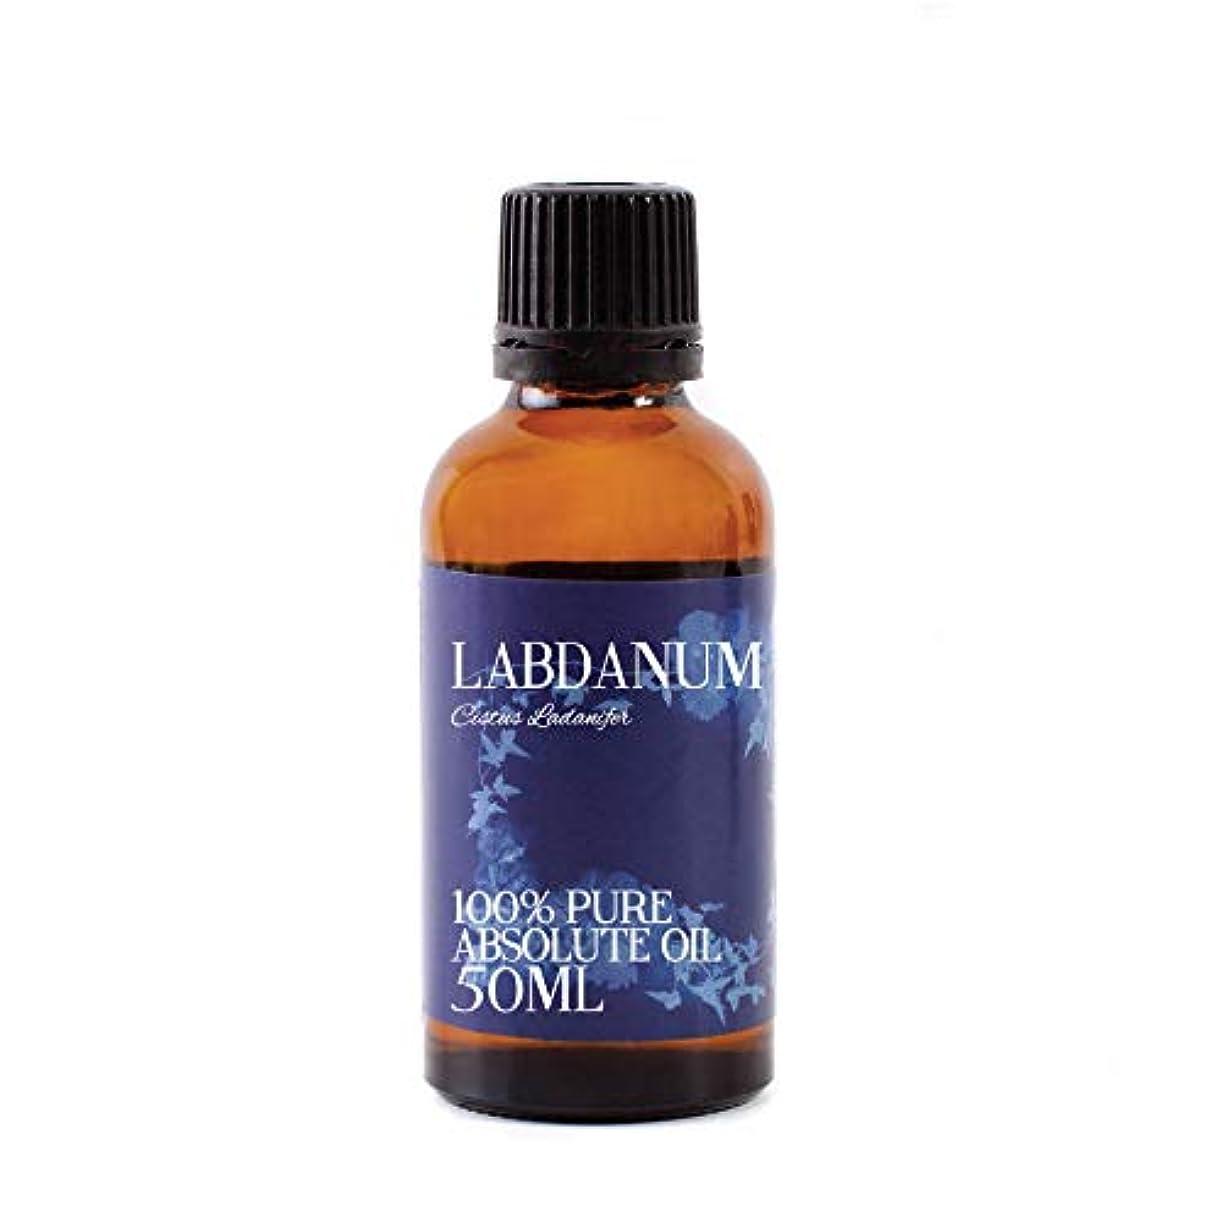 いとこレスリング永久Labdanum Absolute 50ml - 100% Pure